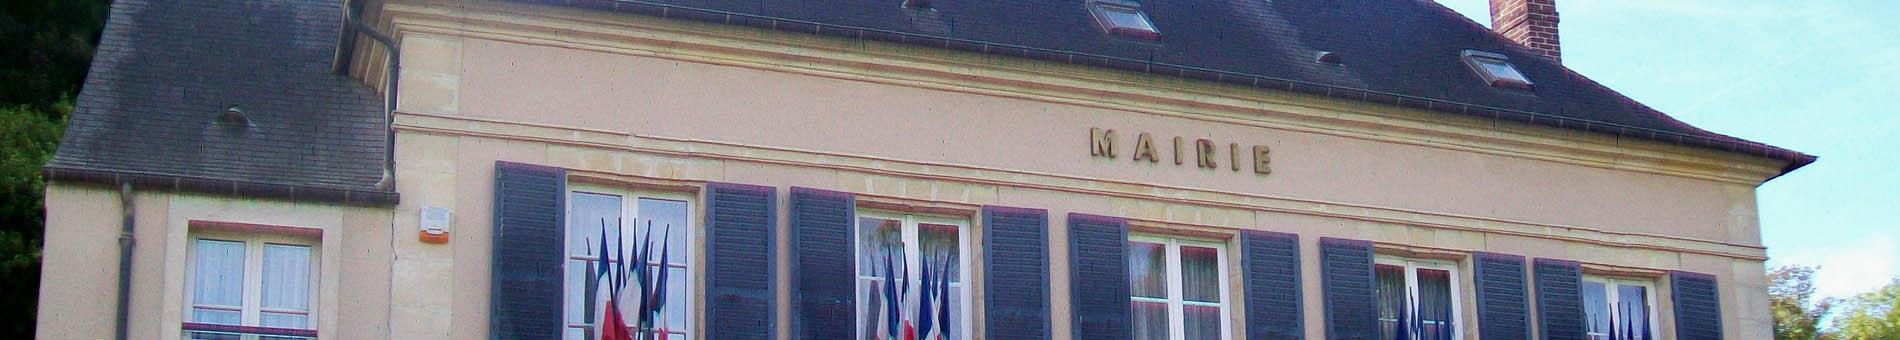 Saint-Clair-sur-Epte